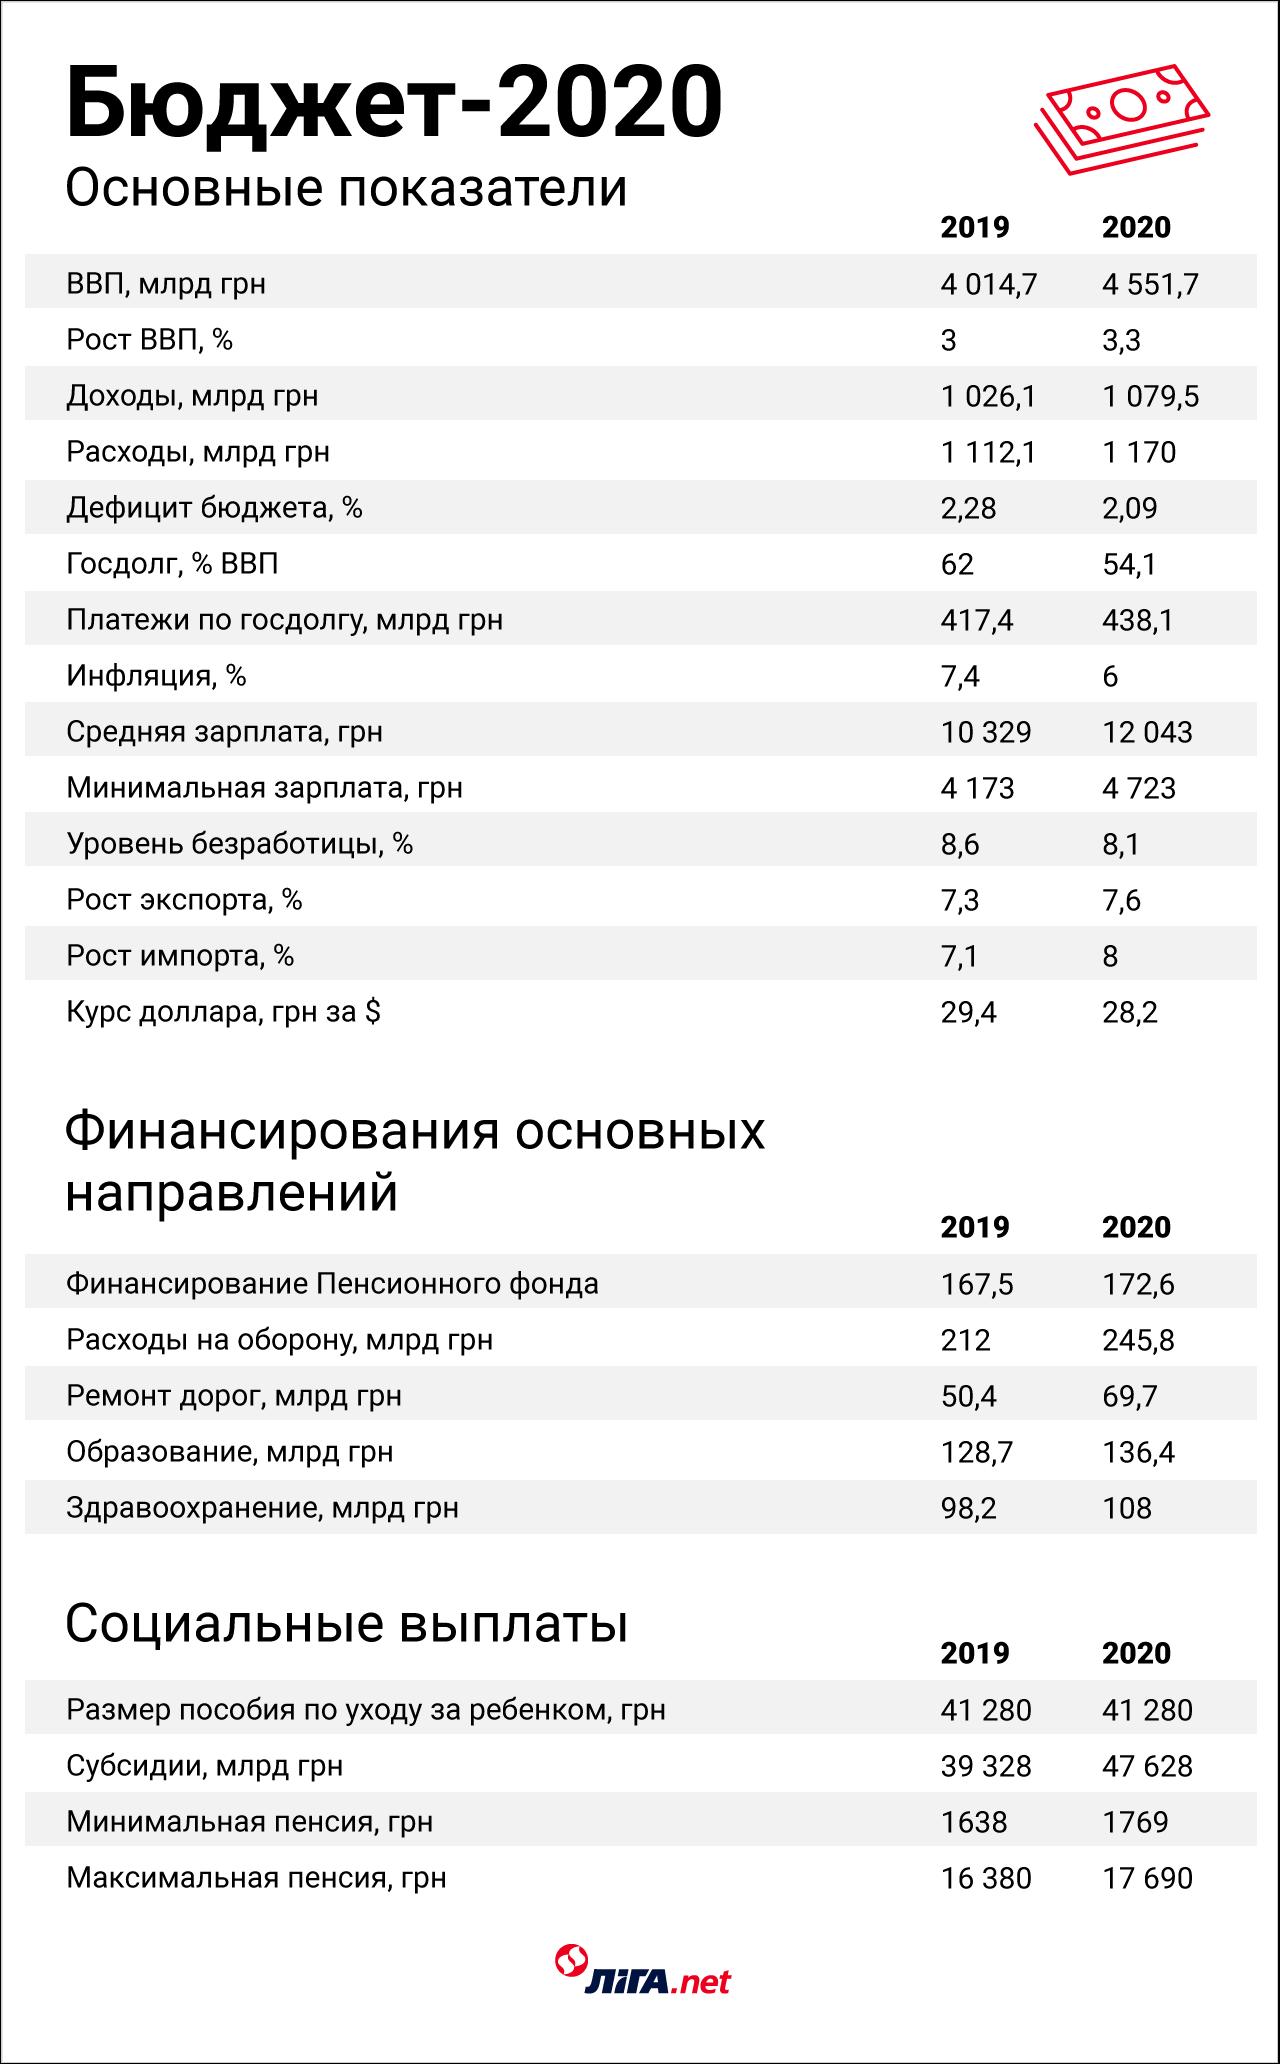 Бюджет-2020, украинская фабрика троллей, землю фермерам. Что вам надо знать этим утром